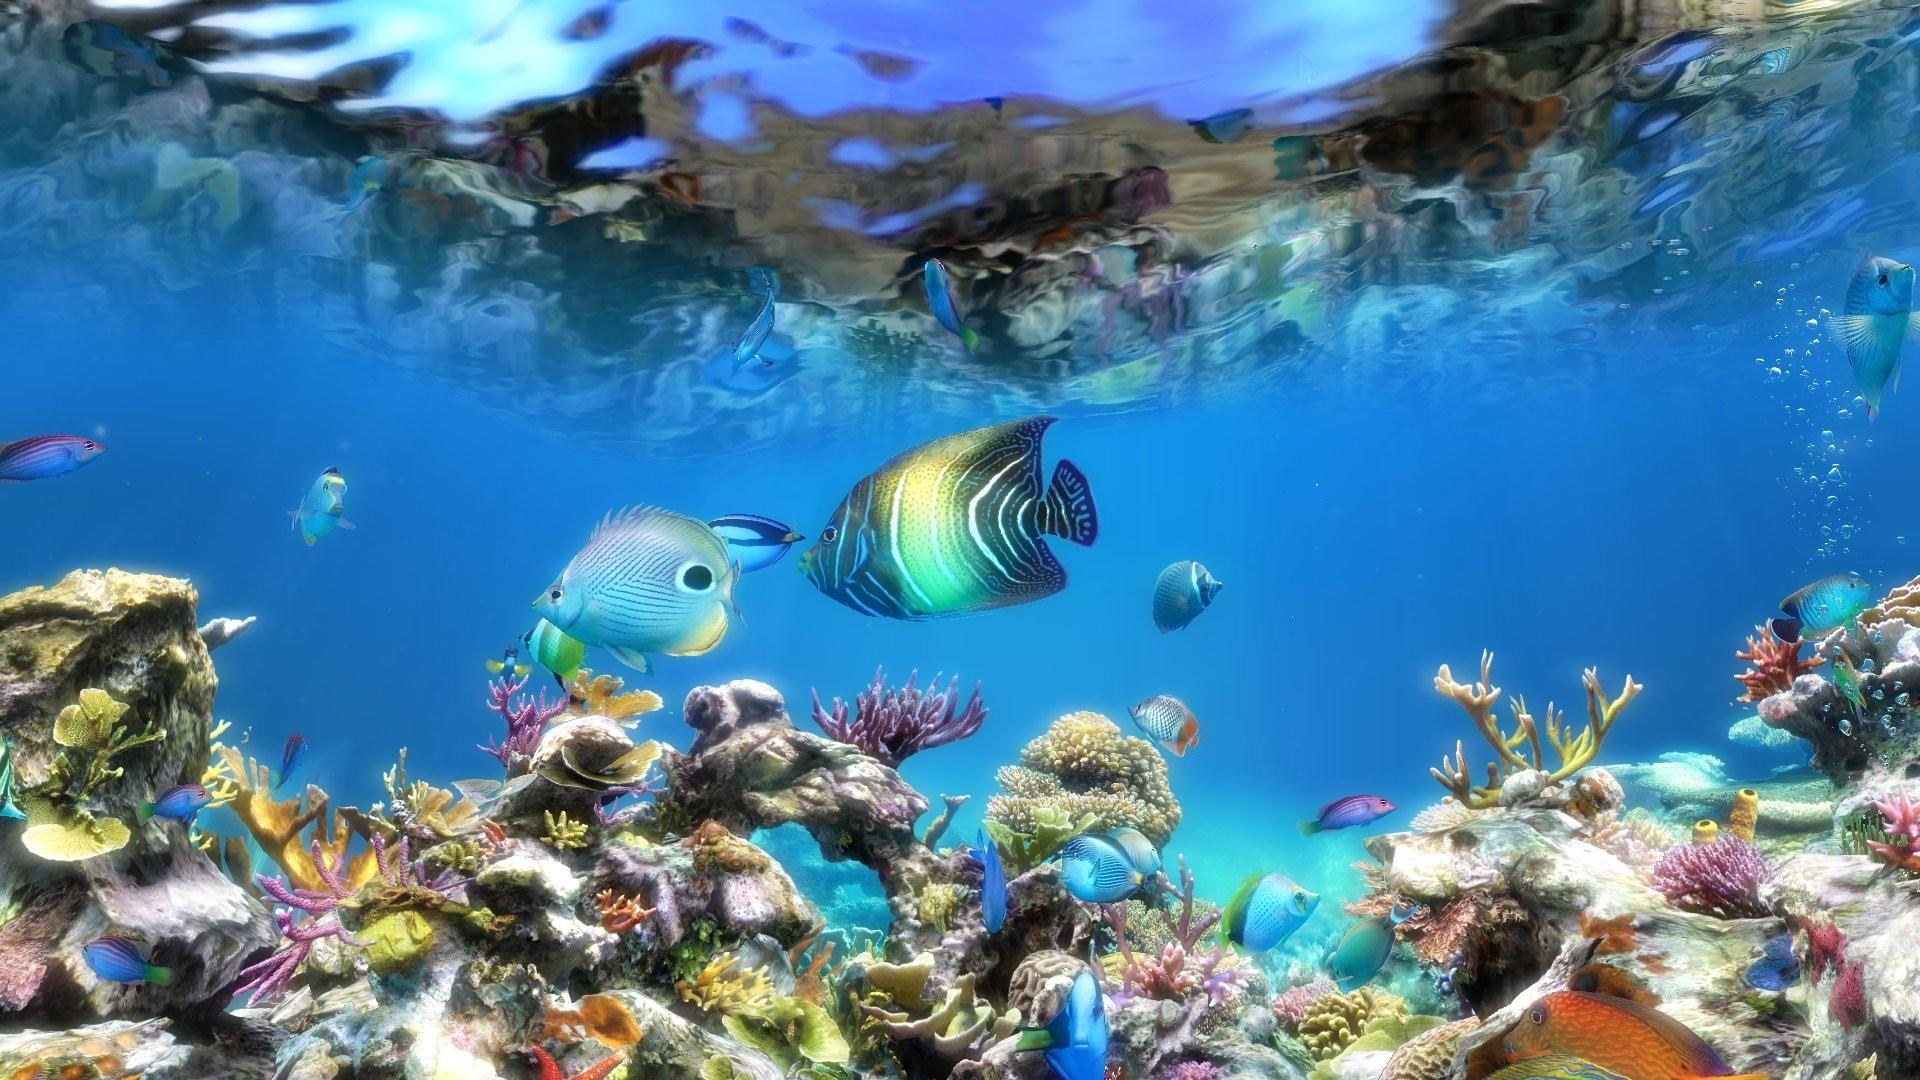 Hd Fish Live Wallpaper For Pc Moving Aquarium Wallpaper 49 Images